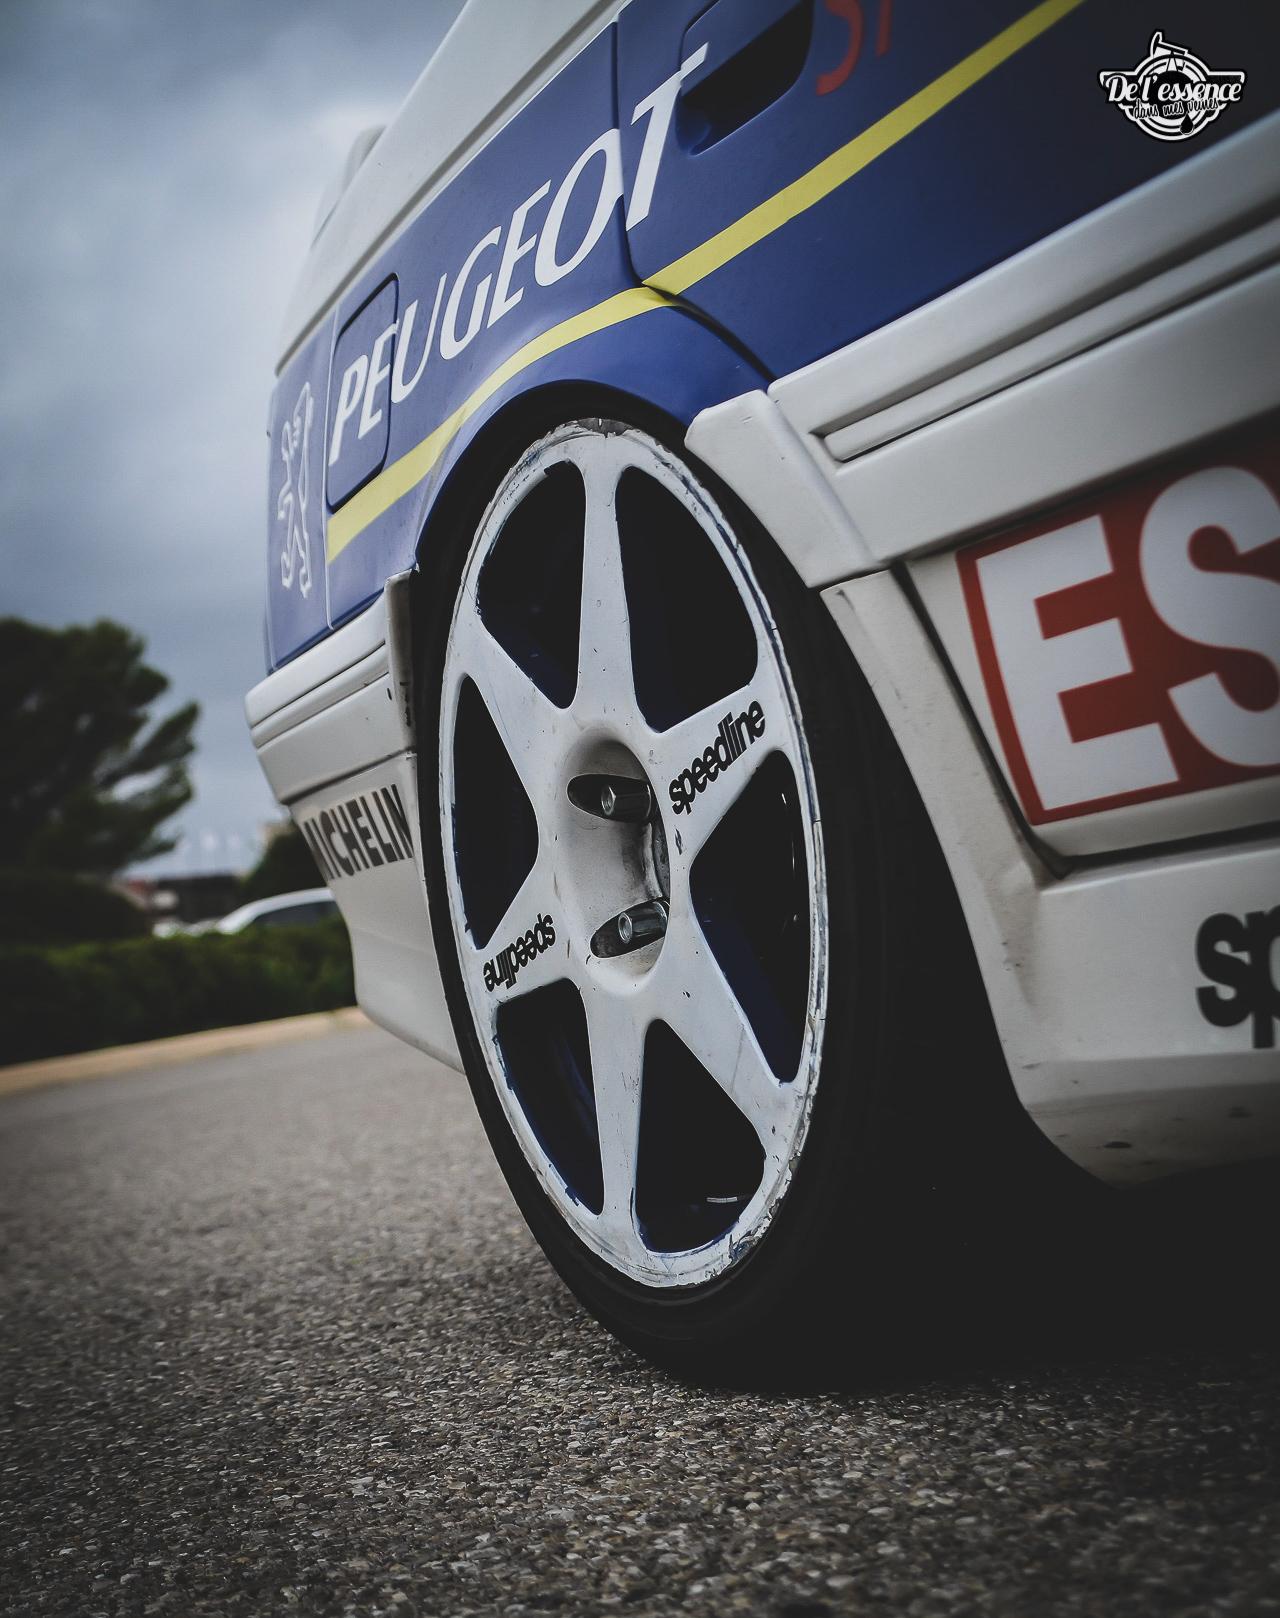 Peugeot 405 Mi16 Supertourisme Replica : De l'essence... et du lion dans les veines ! 7